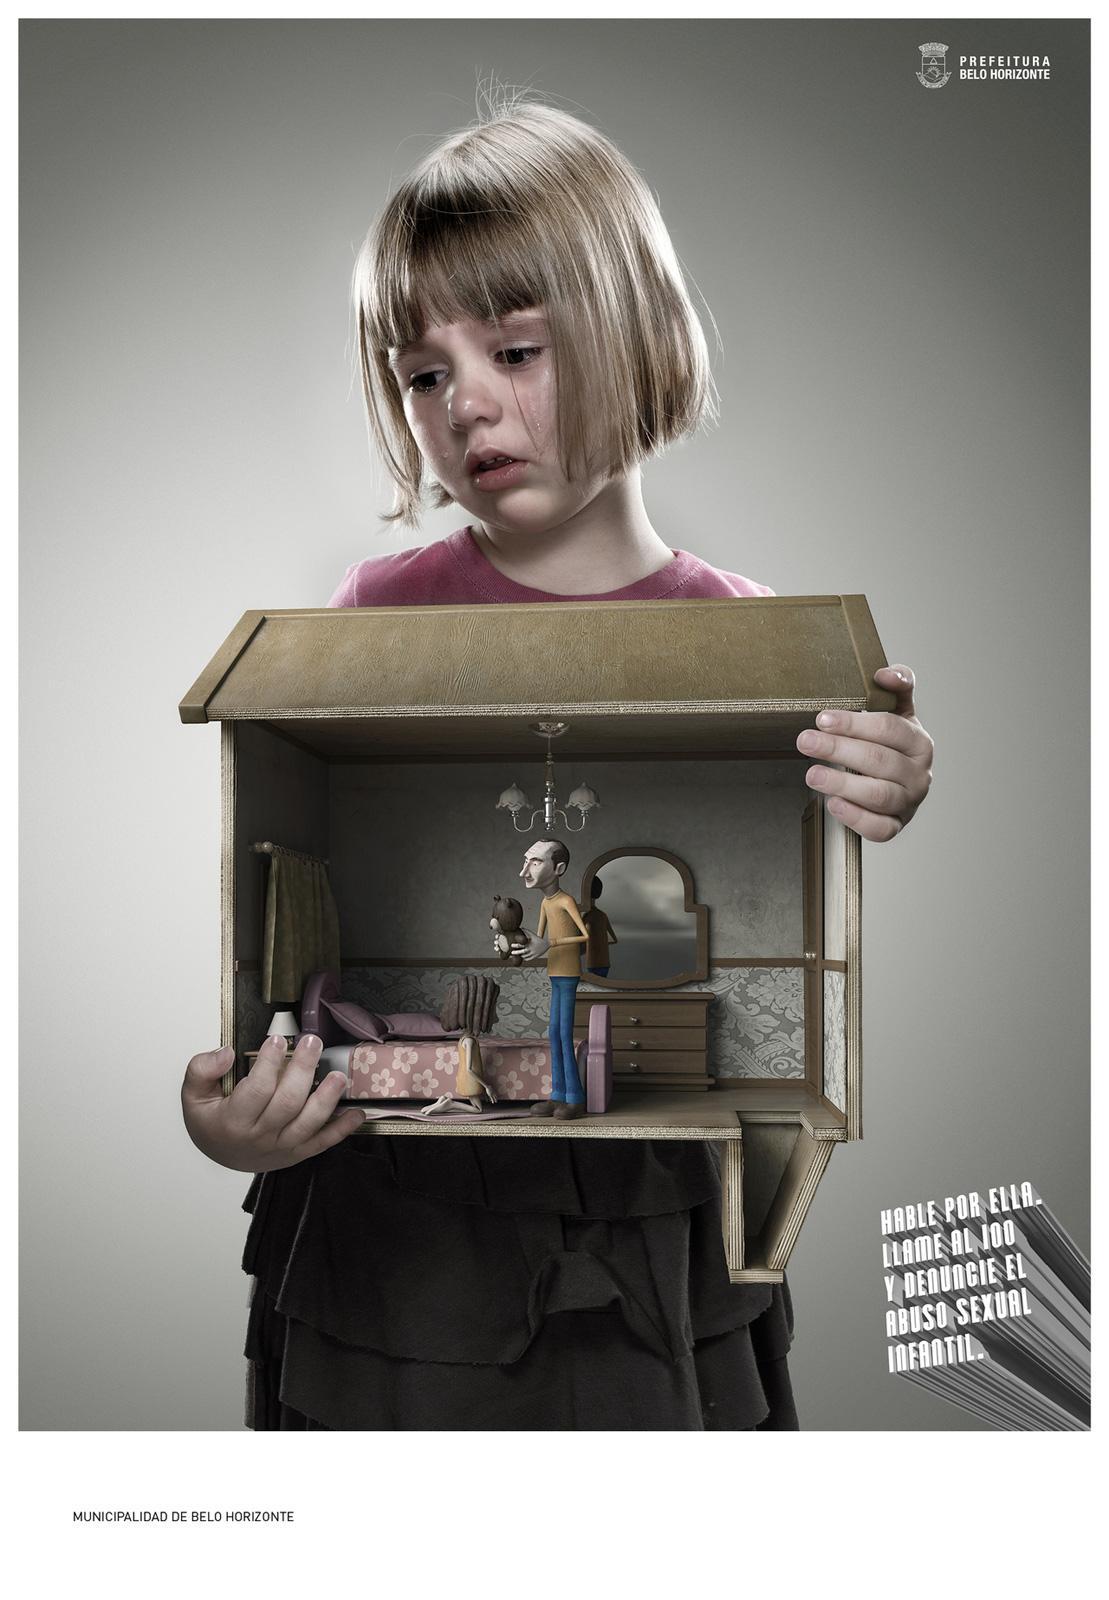 Prefeitura De Belo Horizonte Print Ad -  Speak For Her, 3